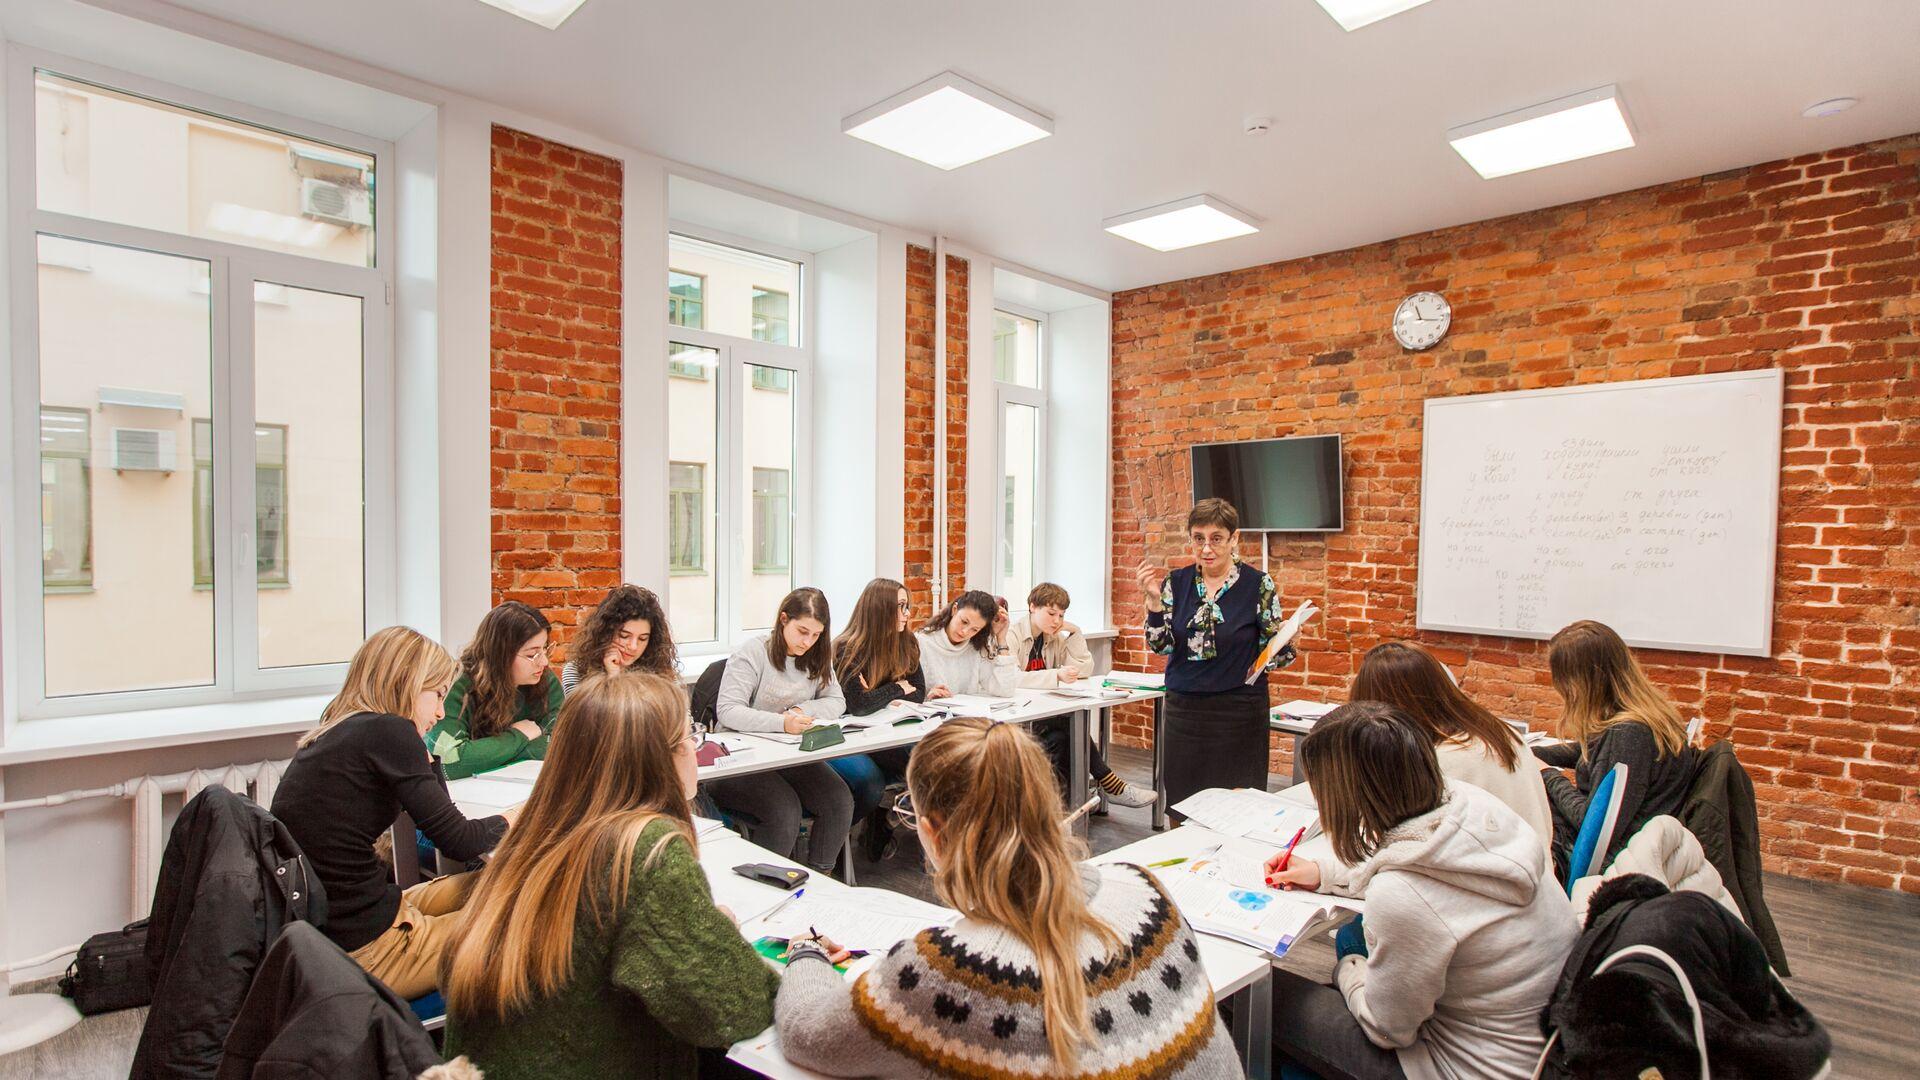 Sprachaufenthalt Russland, St. Petersburg - Liden & Denz - Schule